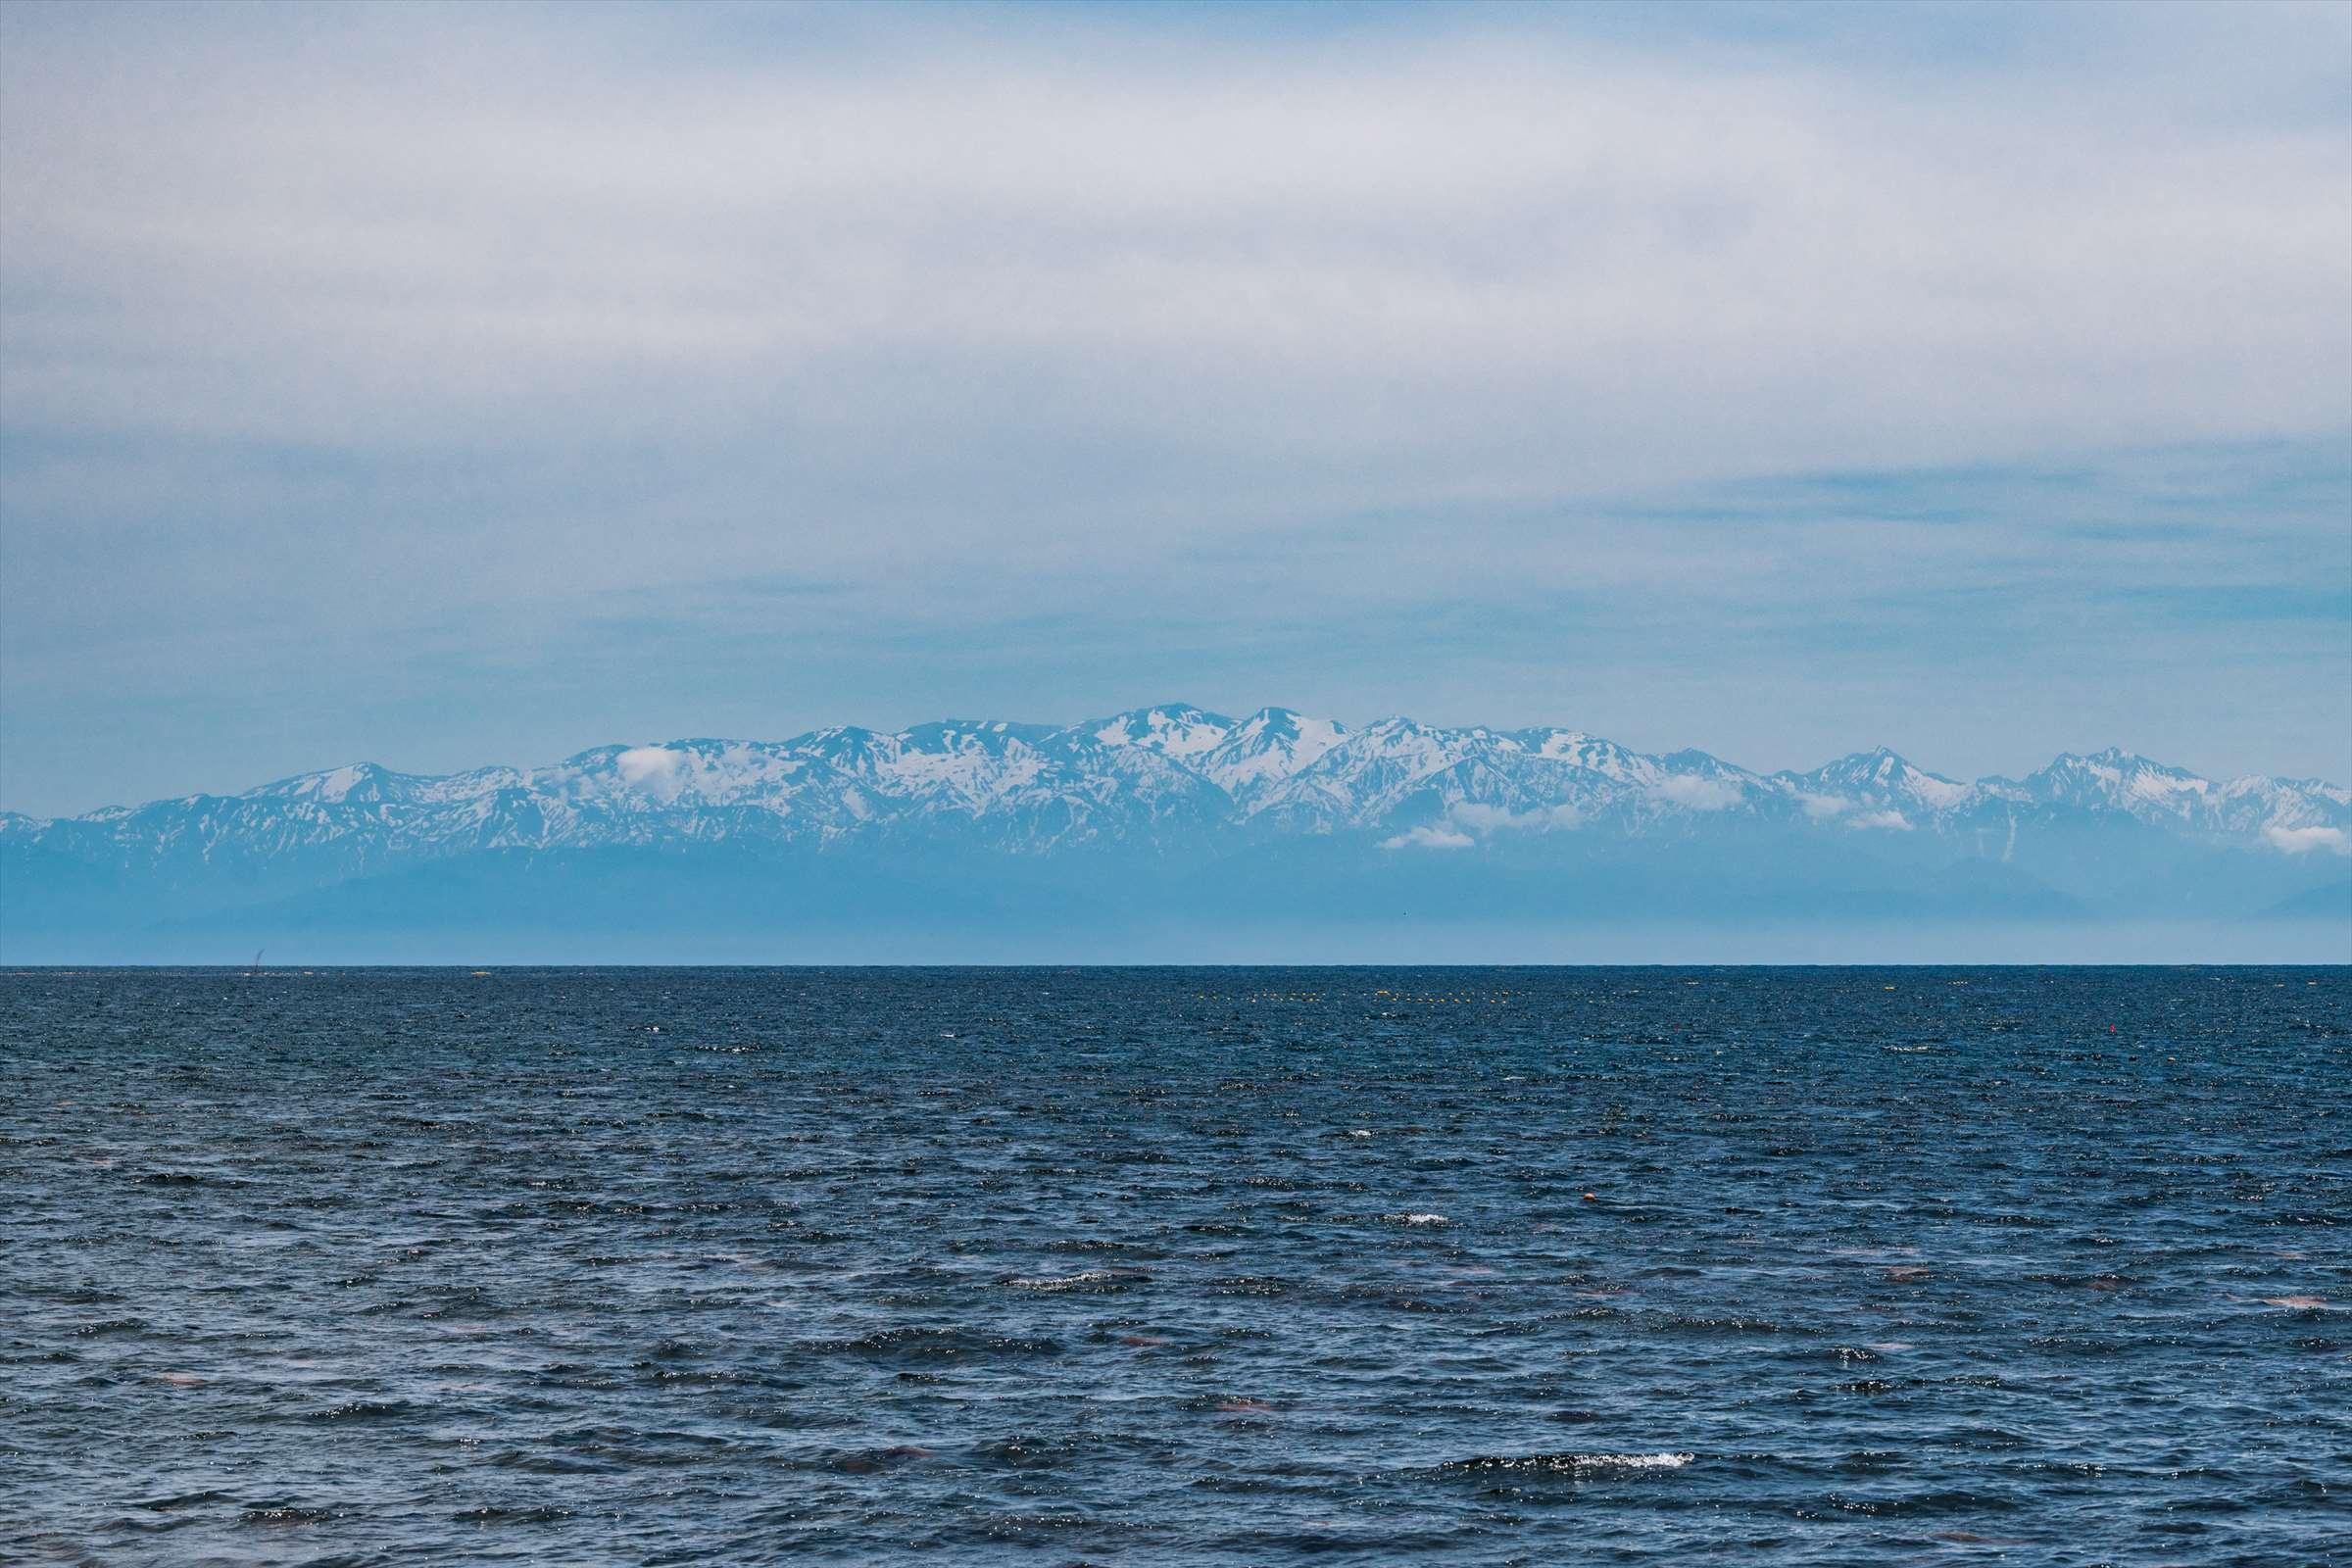 空気の澄んだ日には、海上はるか立山連峰が浮かぶことも